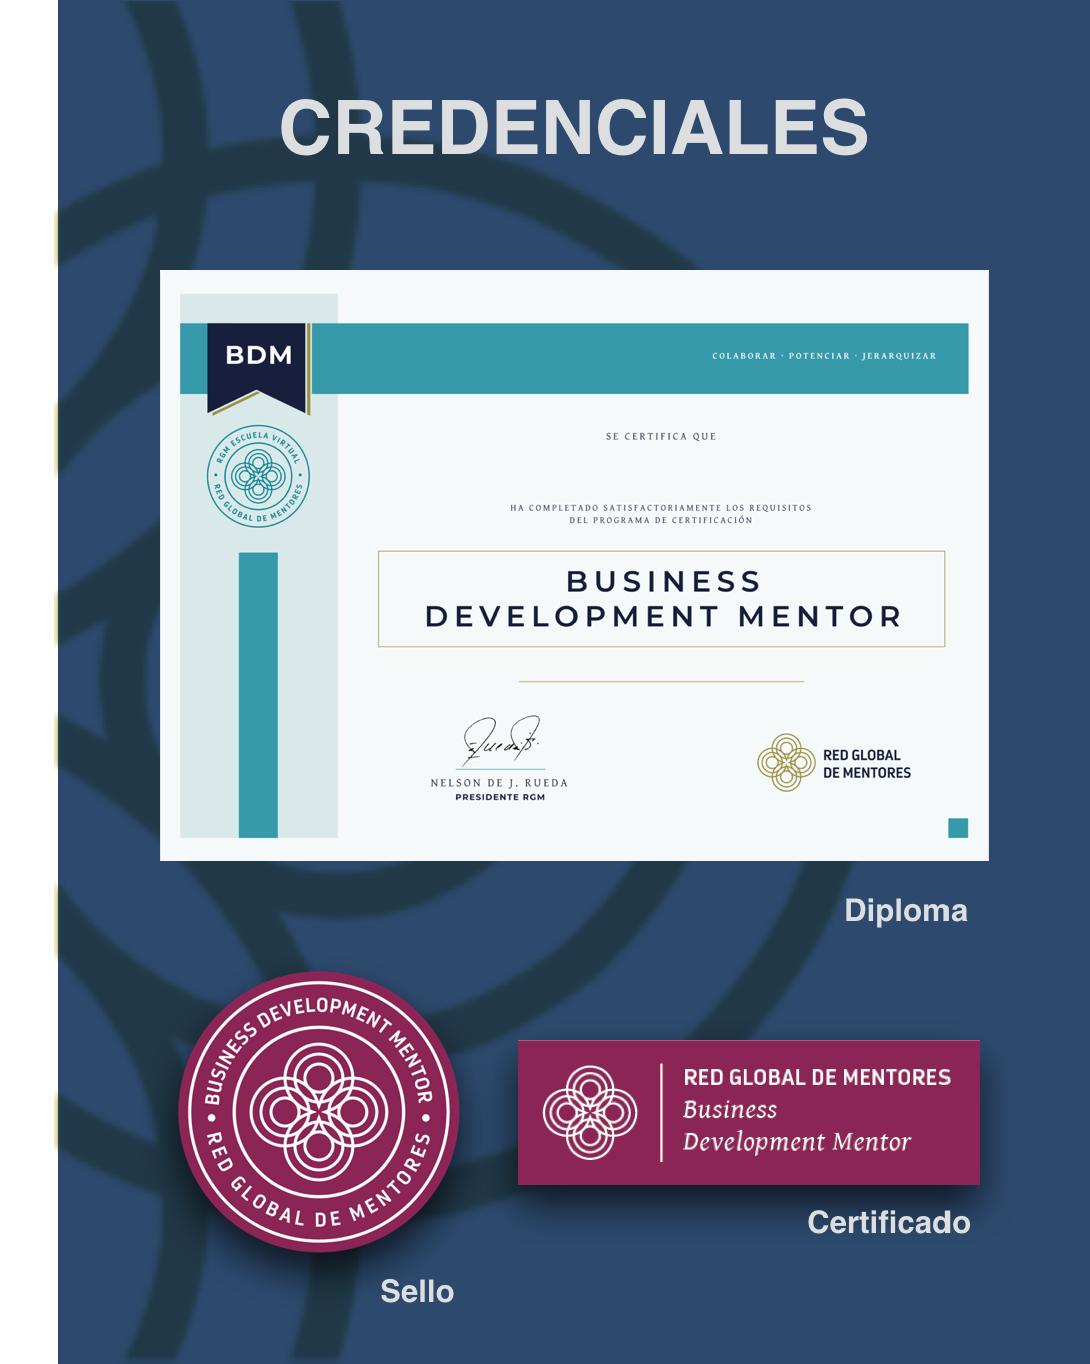 Business Development Mentor